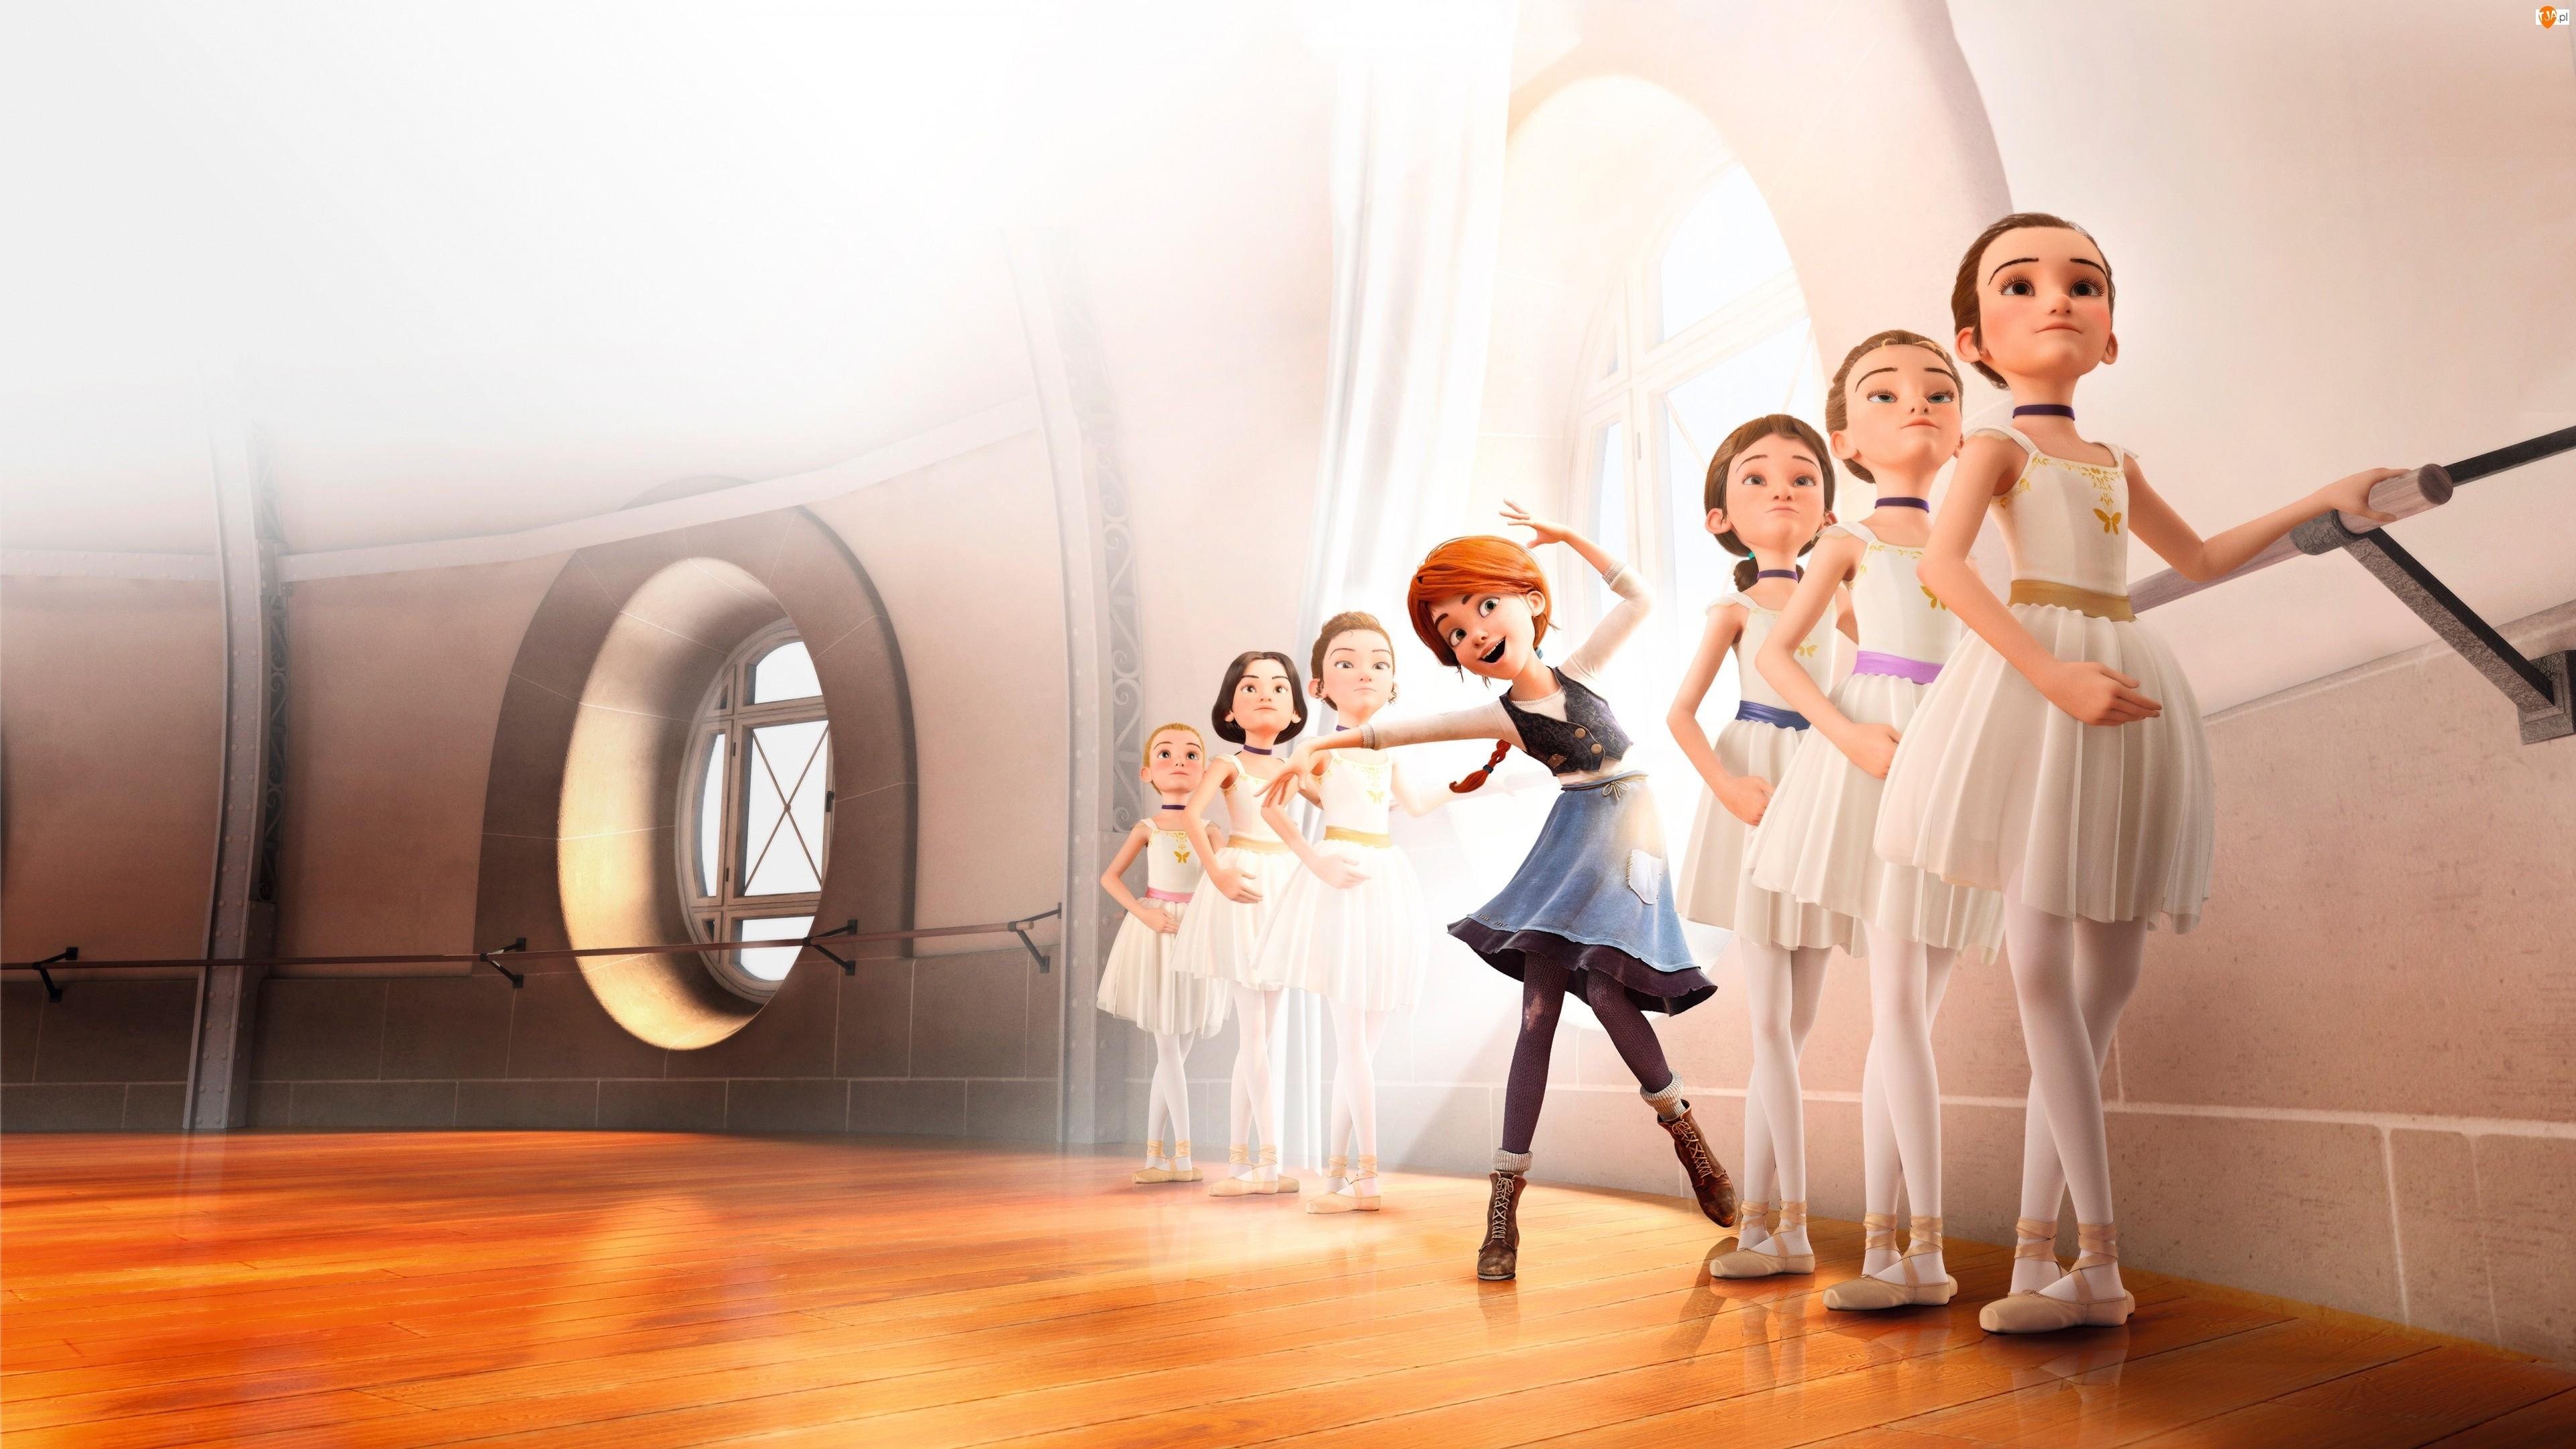 Bajka, Balerina, Film animowany